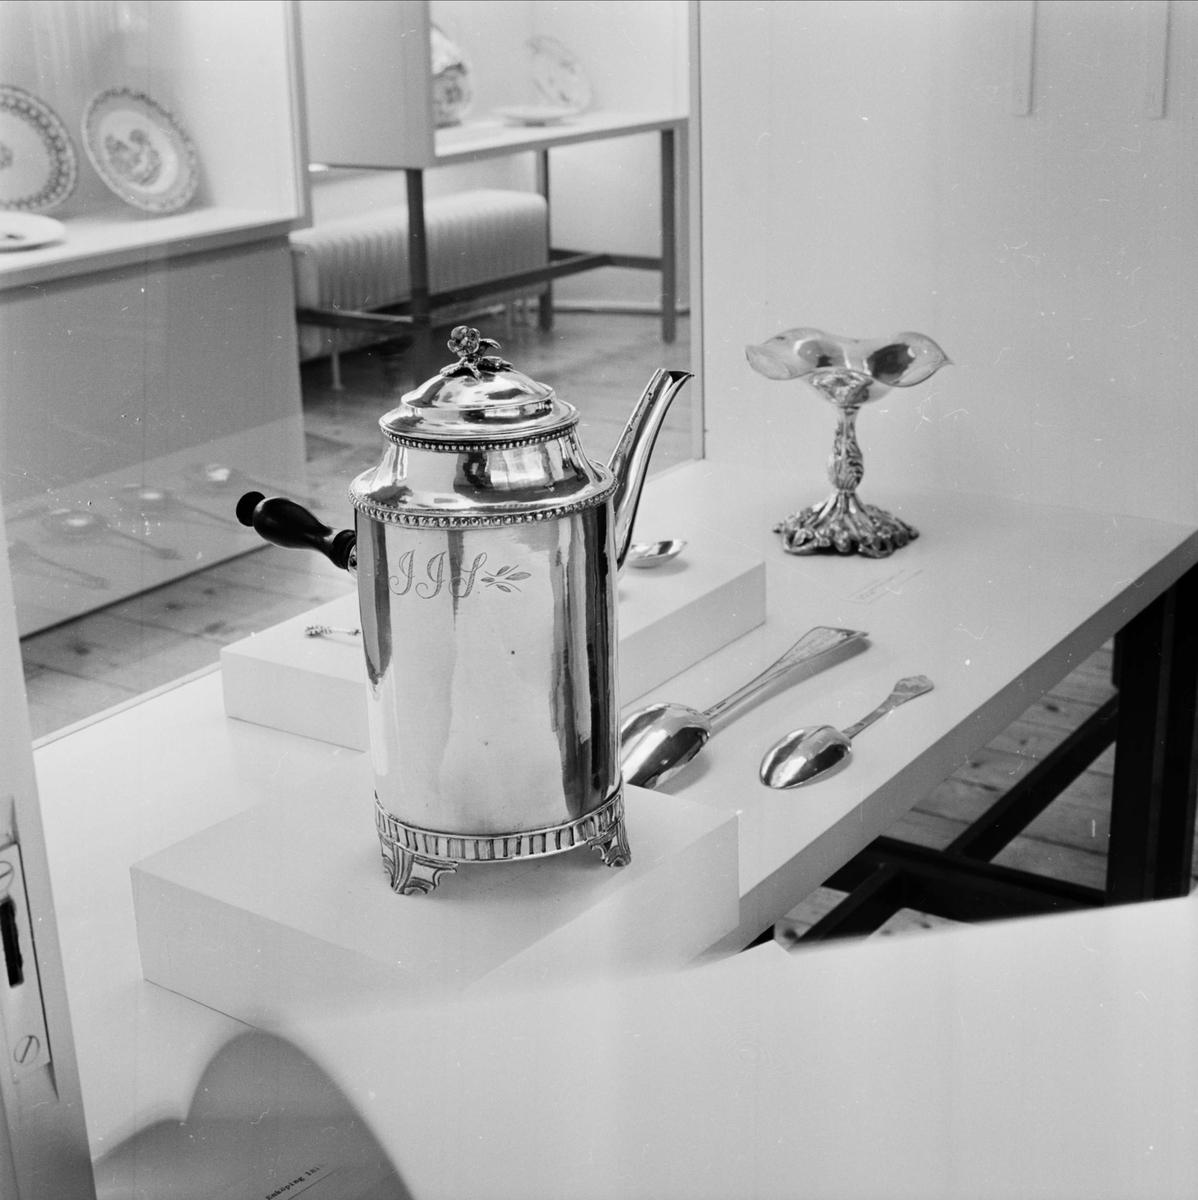 Kaffekanna i Upplandsmuseets samlingar, Uppsala 1965